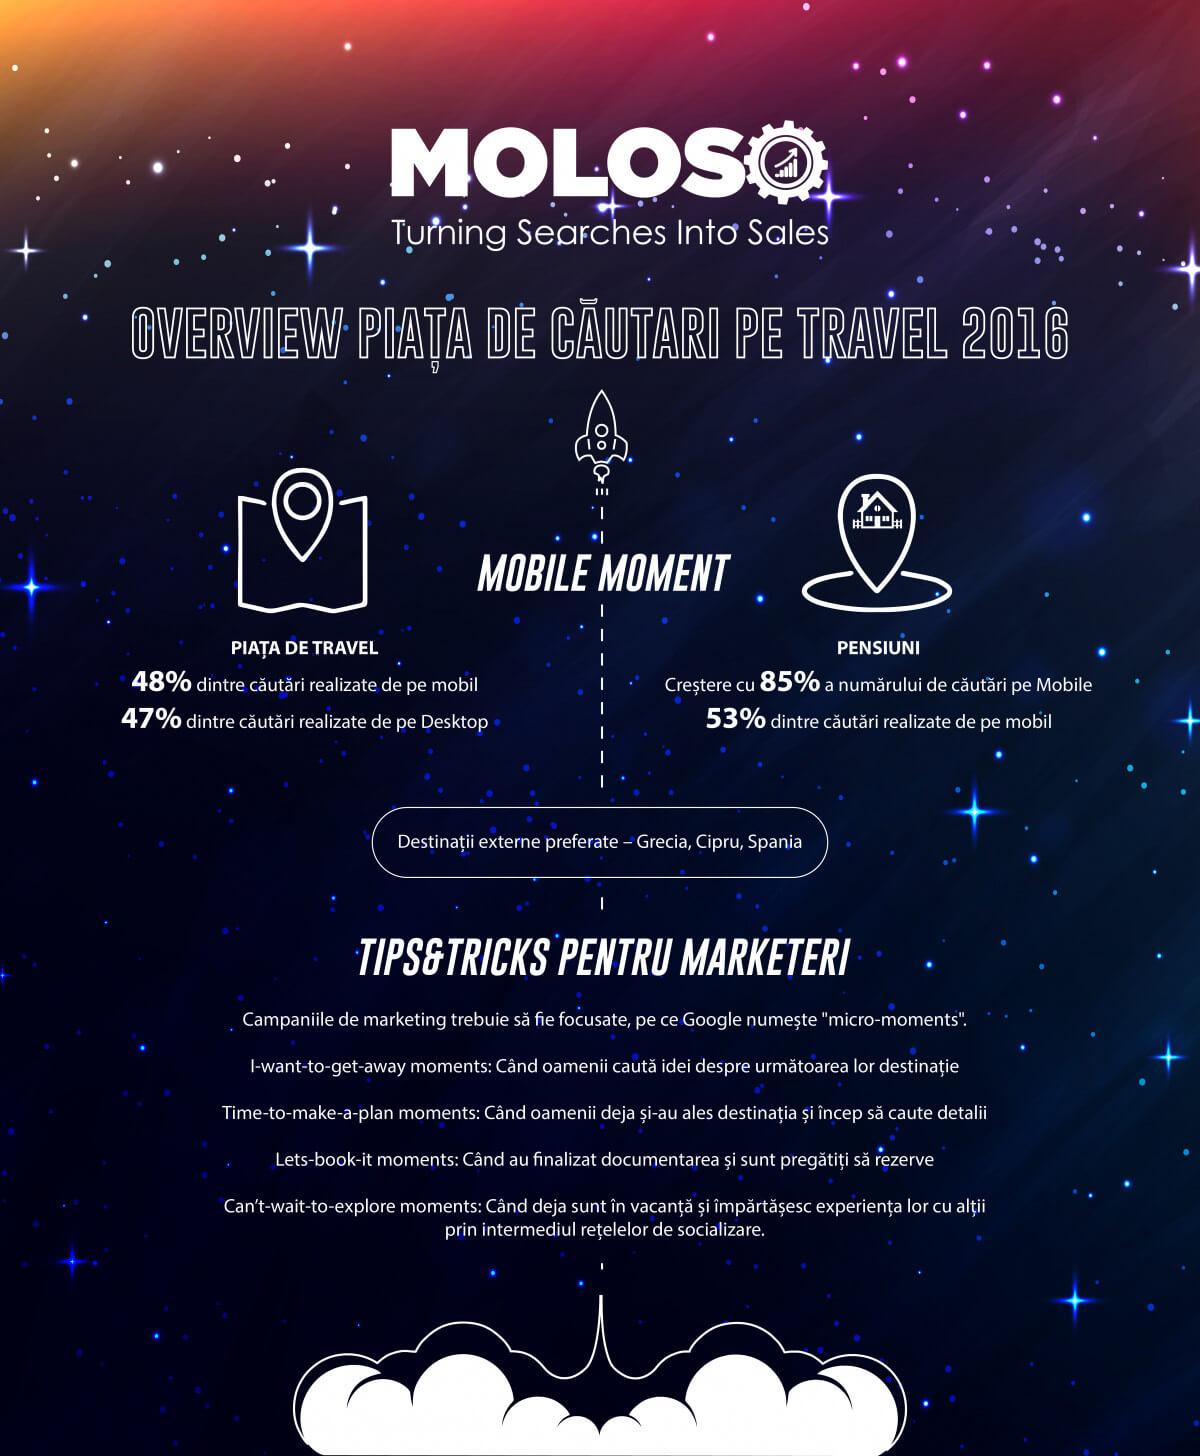 Piața de travel în România infografic MoLoSo POVESTEA LOCURILOR